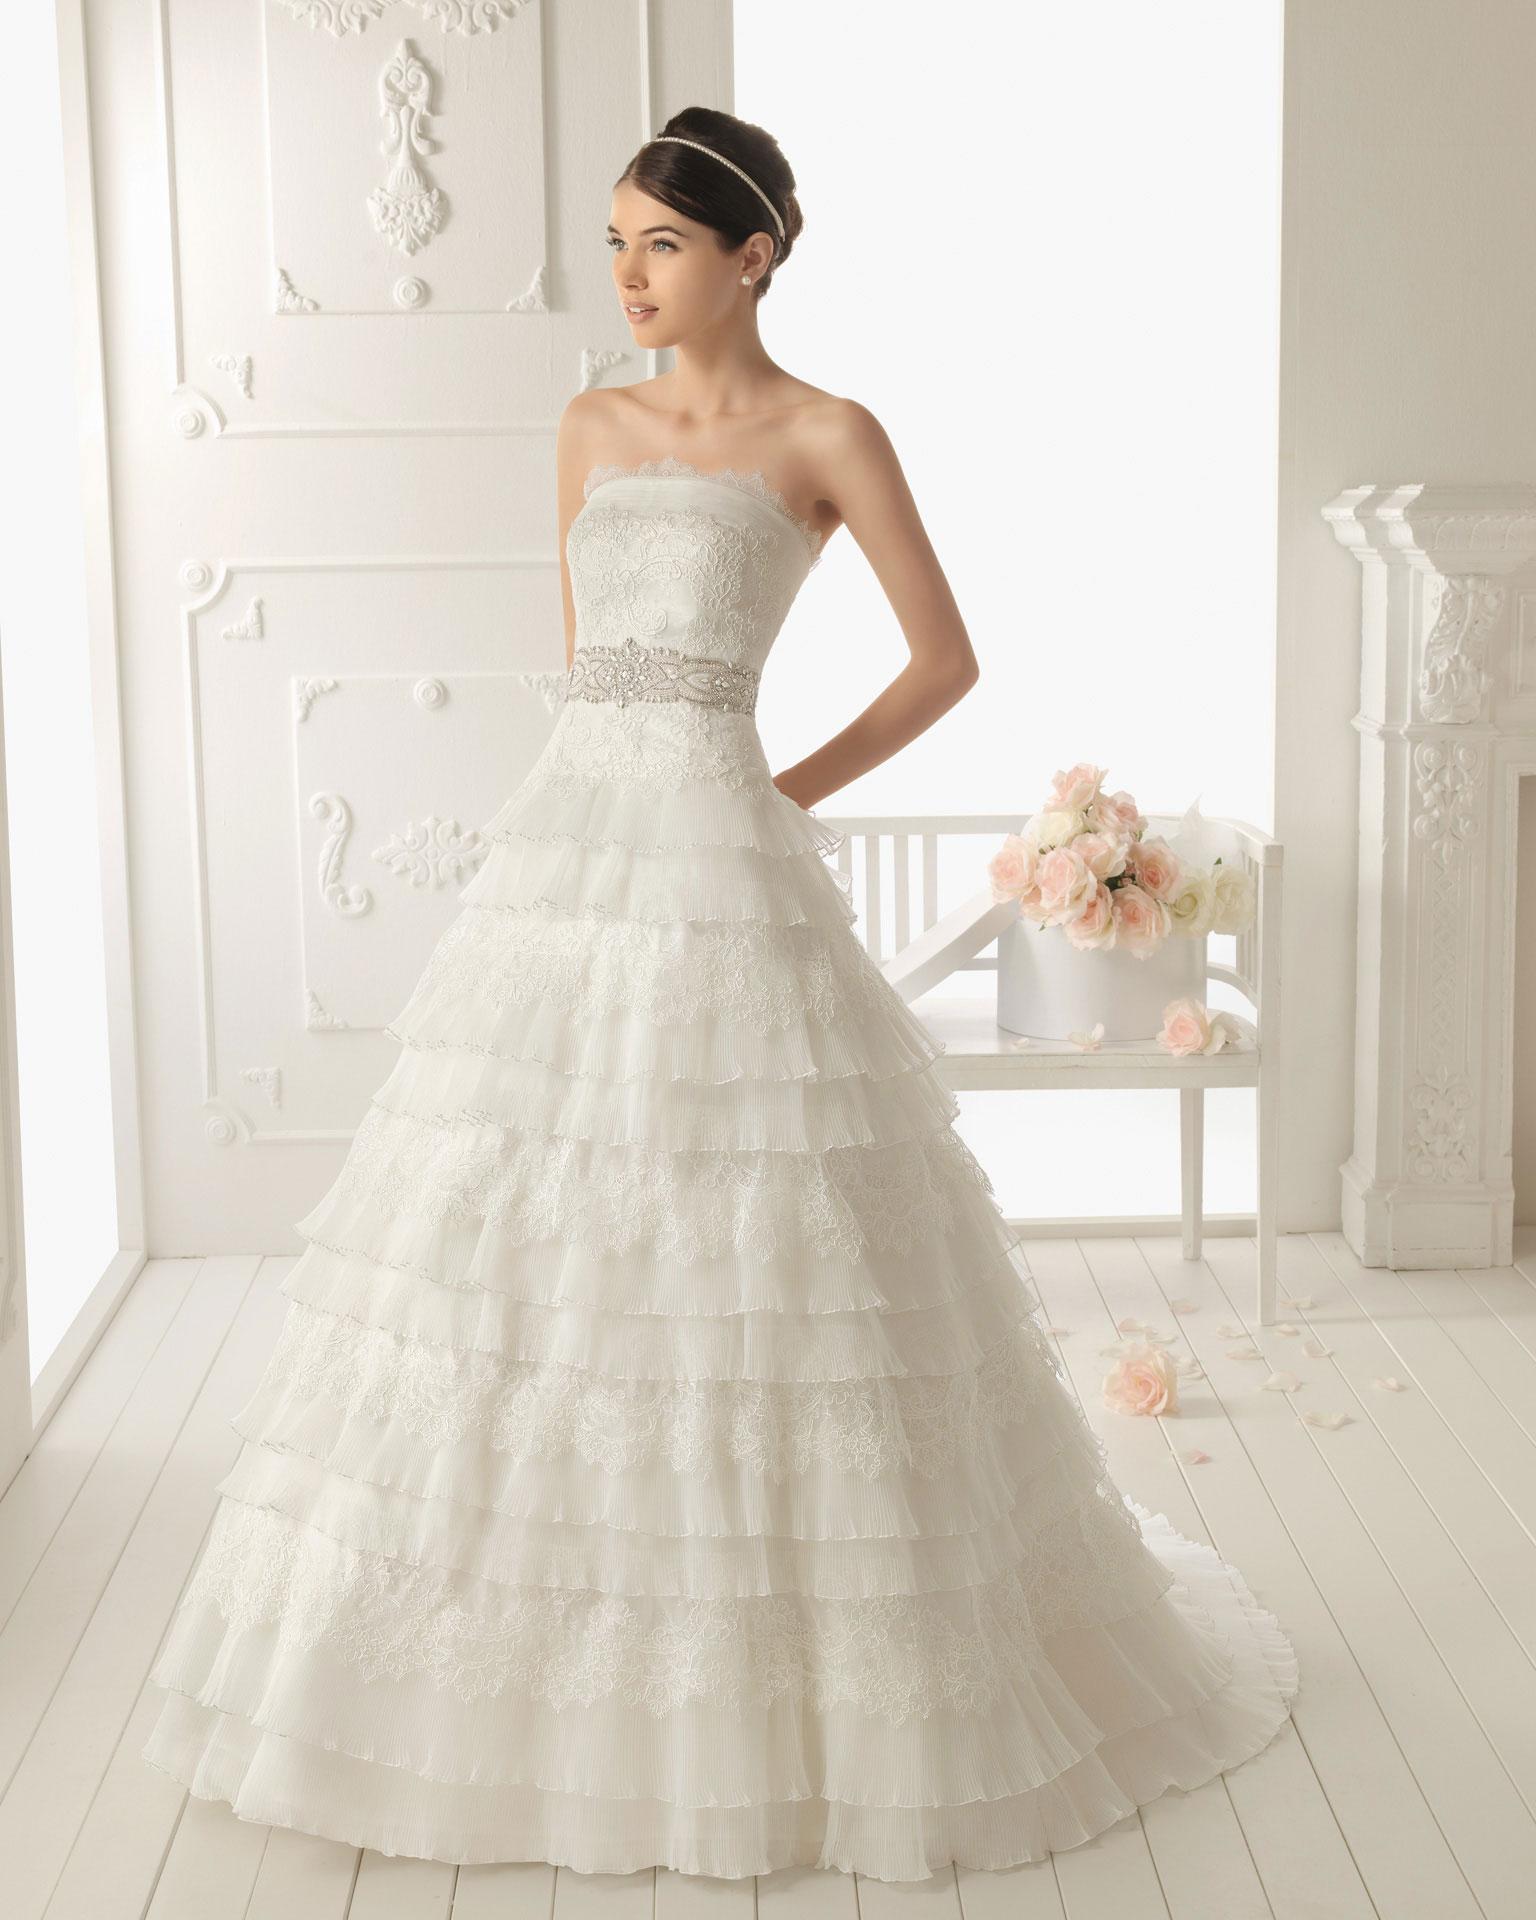 aire barcelona4 - Vestidos de Noiva / Bridal Collection - Colecções 2013